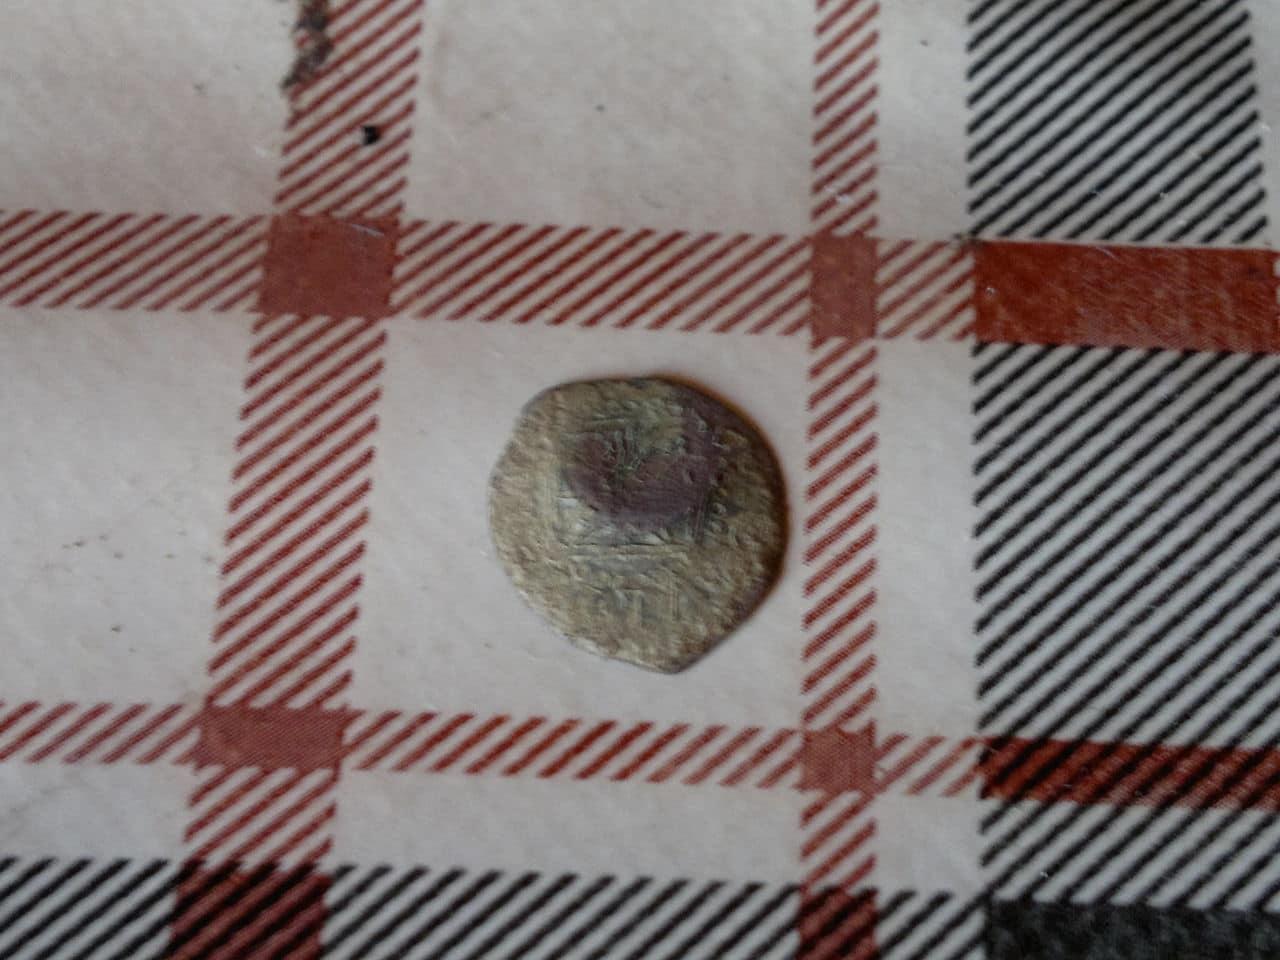 Dinero de Vic. Felipe II. (Resello león). 2013_08_04_2585